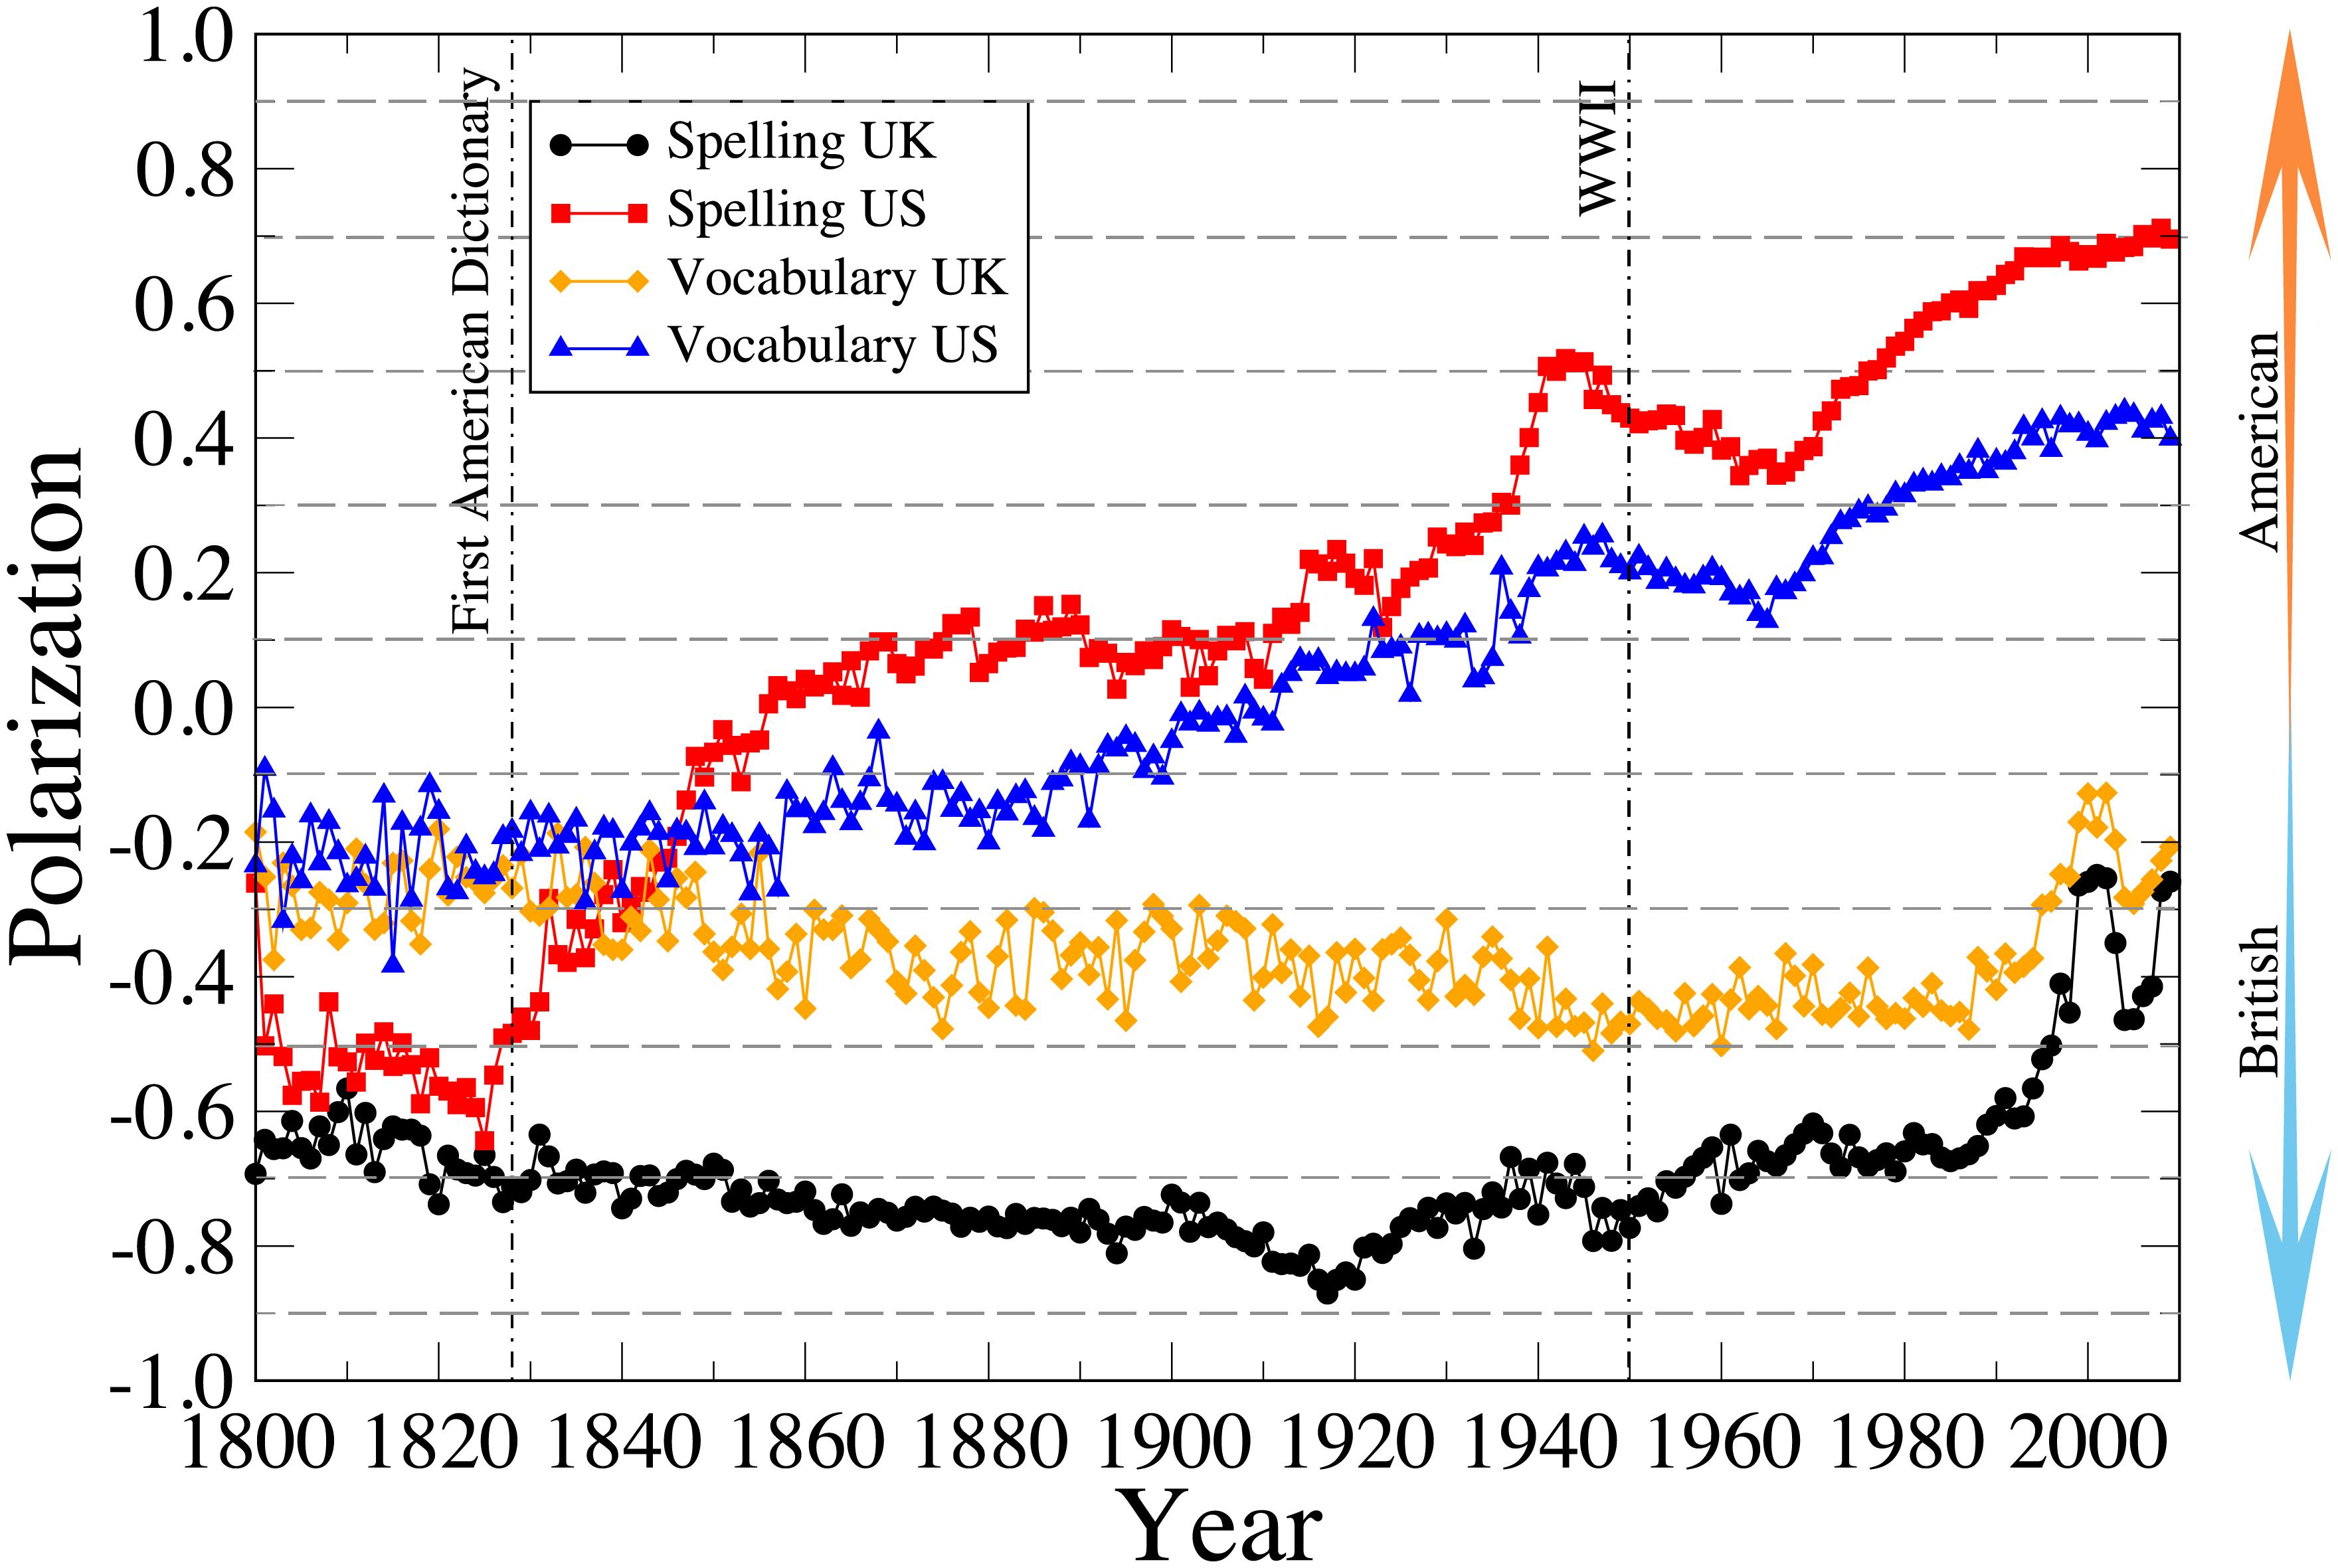 Tendencia de las variaciones británicas y americanas del inglés